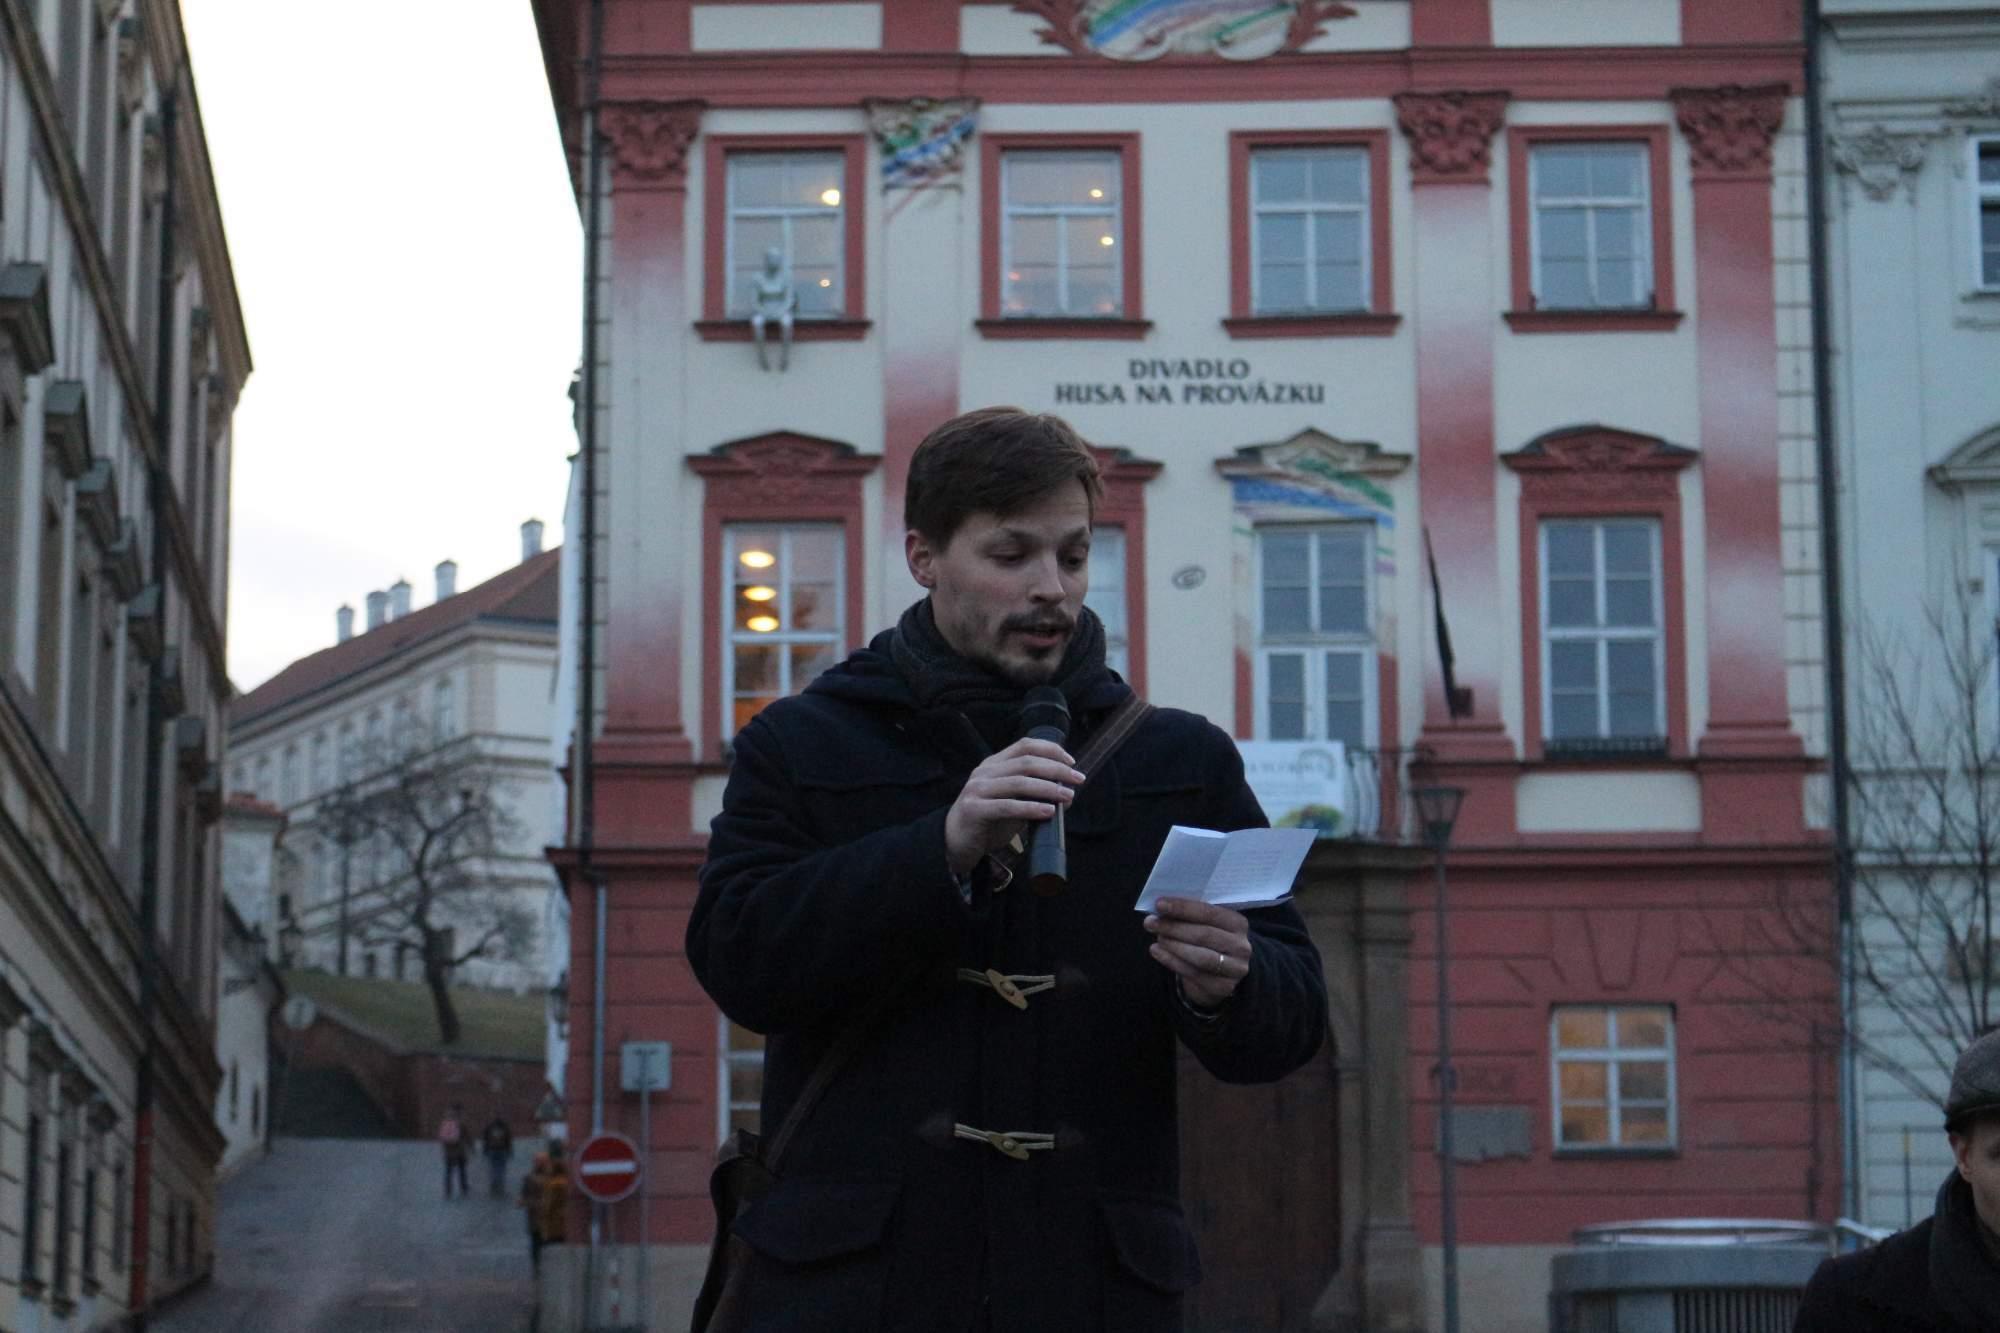 """Sociológ František Černín citoval text piesne Mír a klid od skupiny Visací zámek, ktorej obsah je podľa neho dnes veľmi akutálny. """"Dávam si pozor pozor, nikoho nezdravím. Dávam si pozor, pozor, nepočúvam rádio. Dávam si pozor, pozor, radšej nič nepíšem,"""" cituje Černín. Foto: Simona Gálová"""